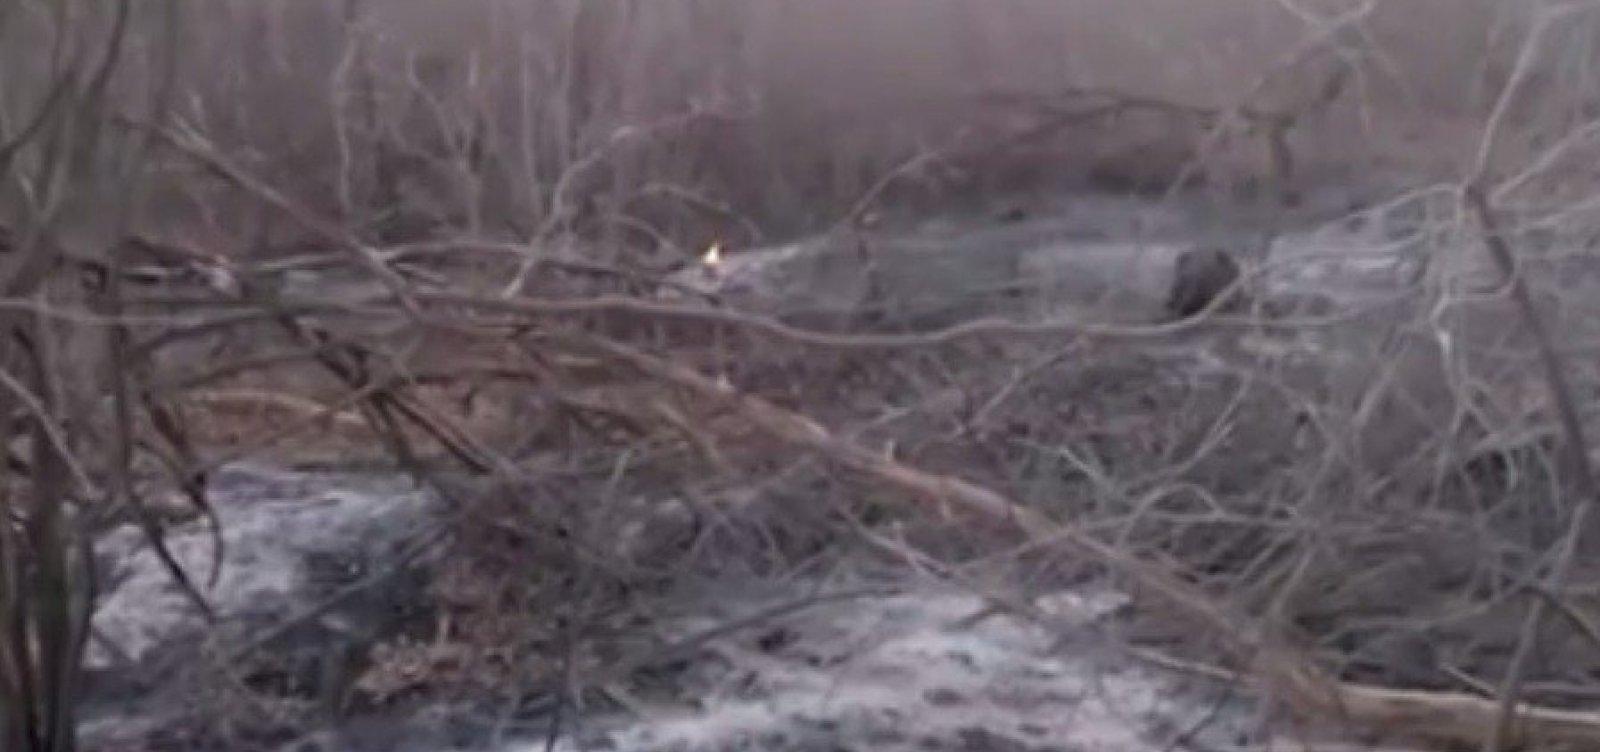 Área de caatinga no norte da Bahia é atingida por incêndio há mais de 20 dias